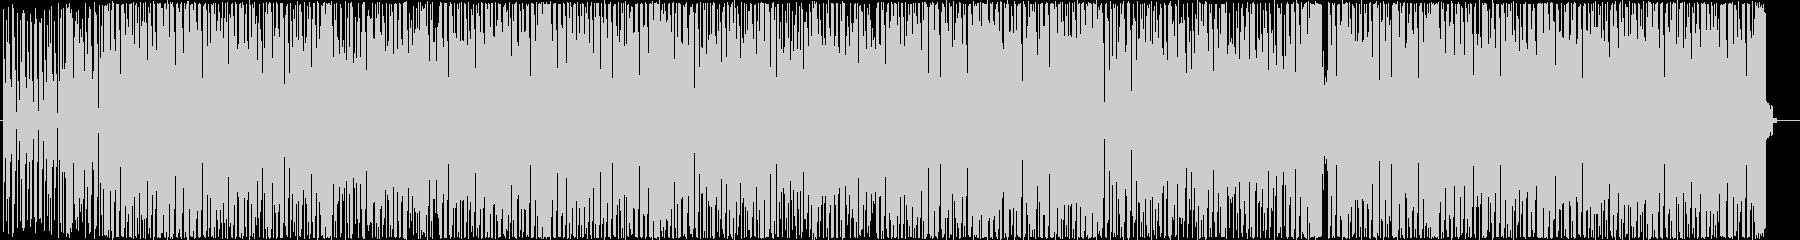 80s洋楽系ファンクトラック の未再生の波形